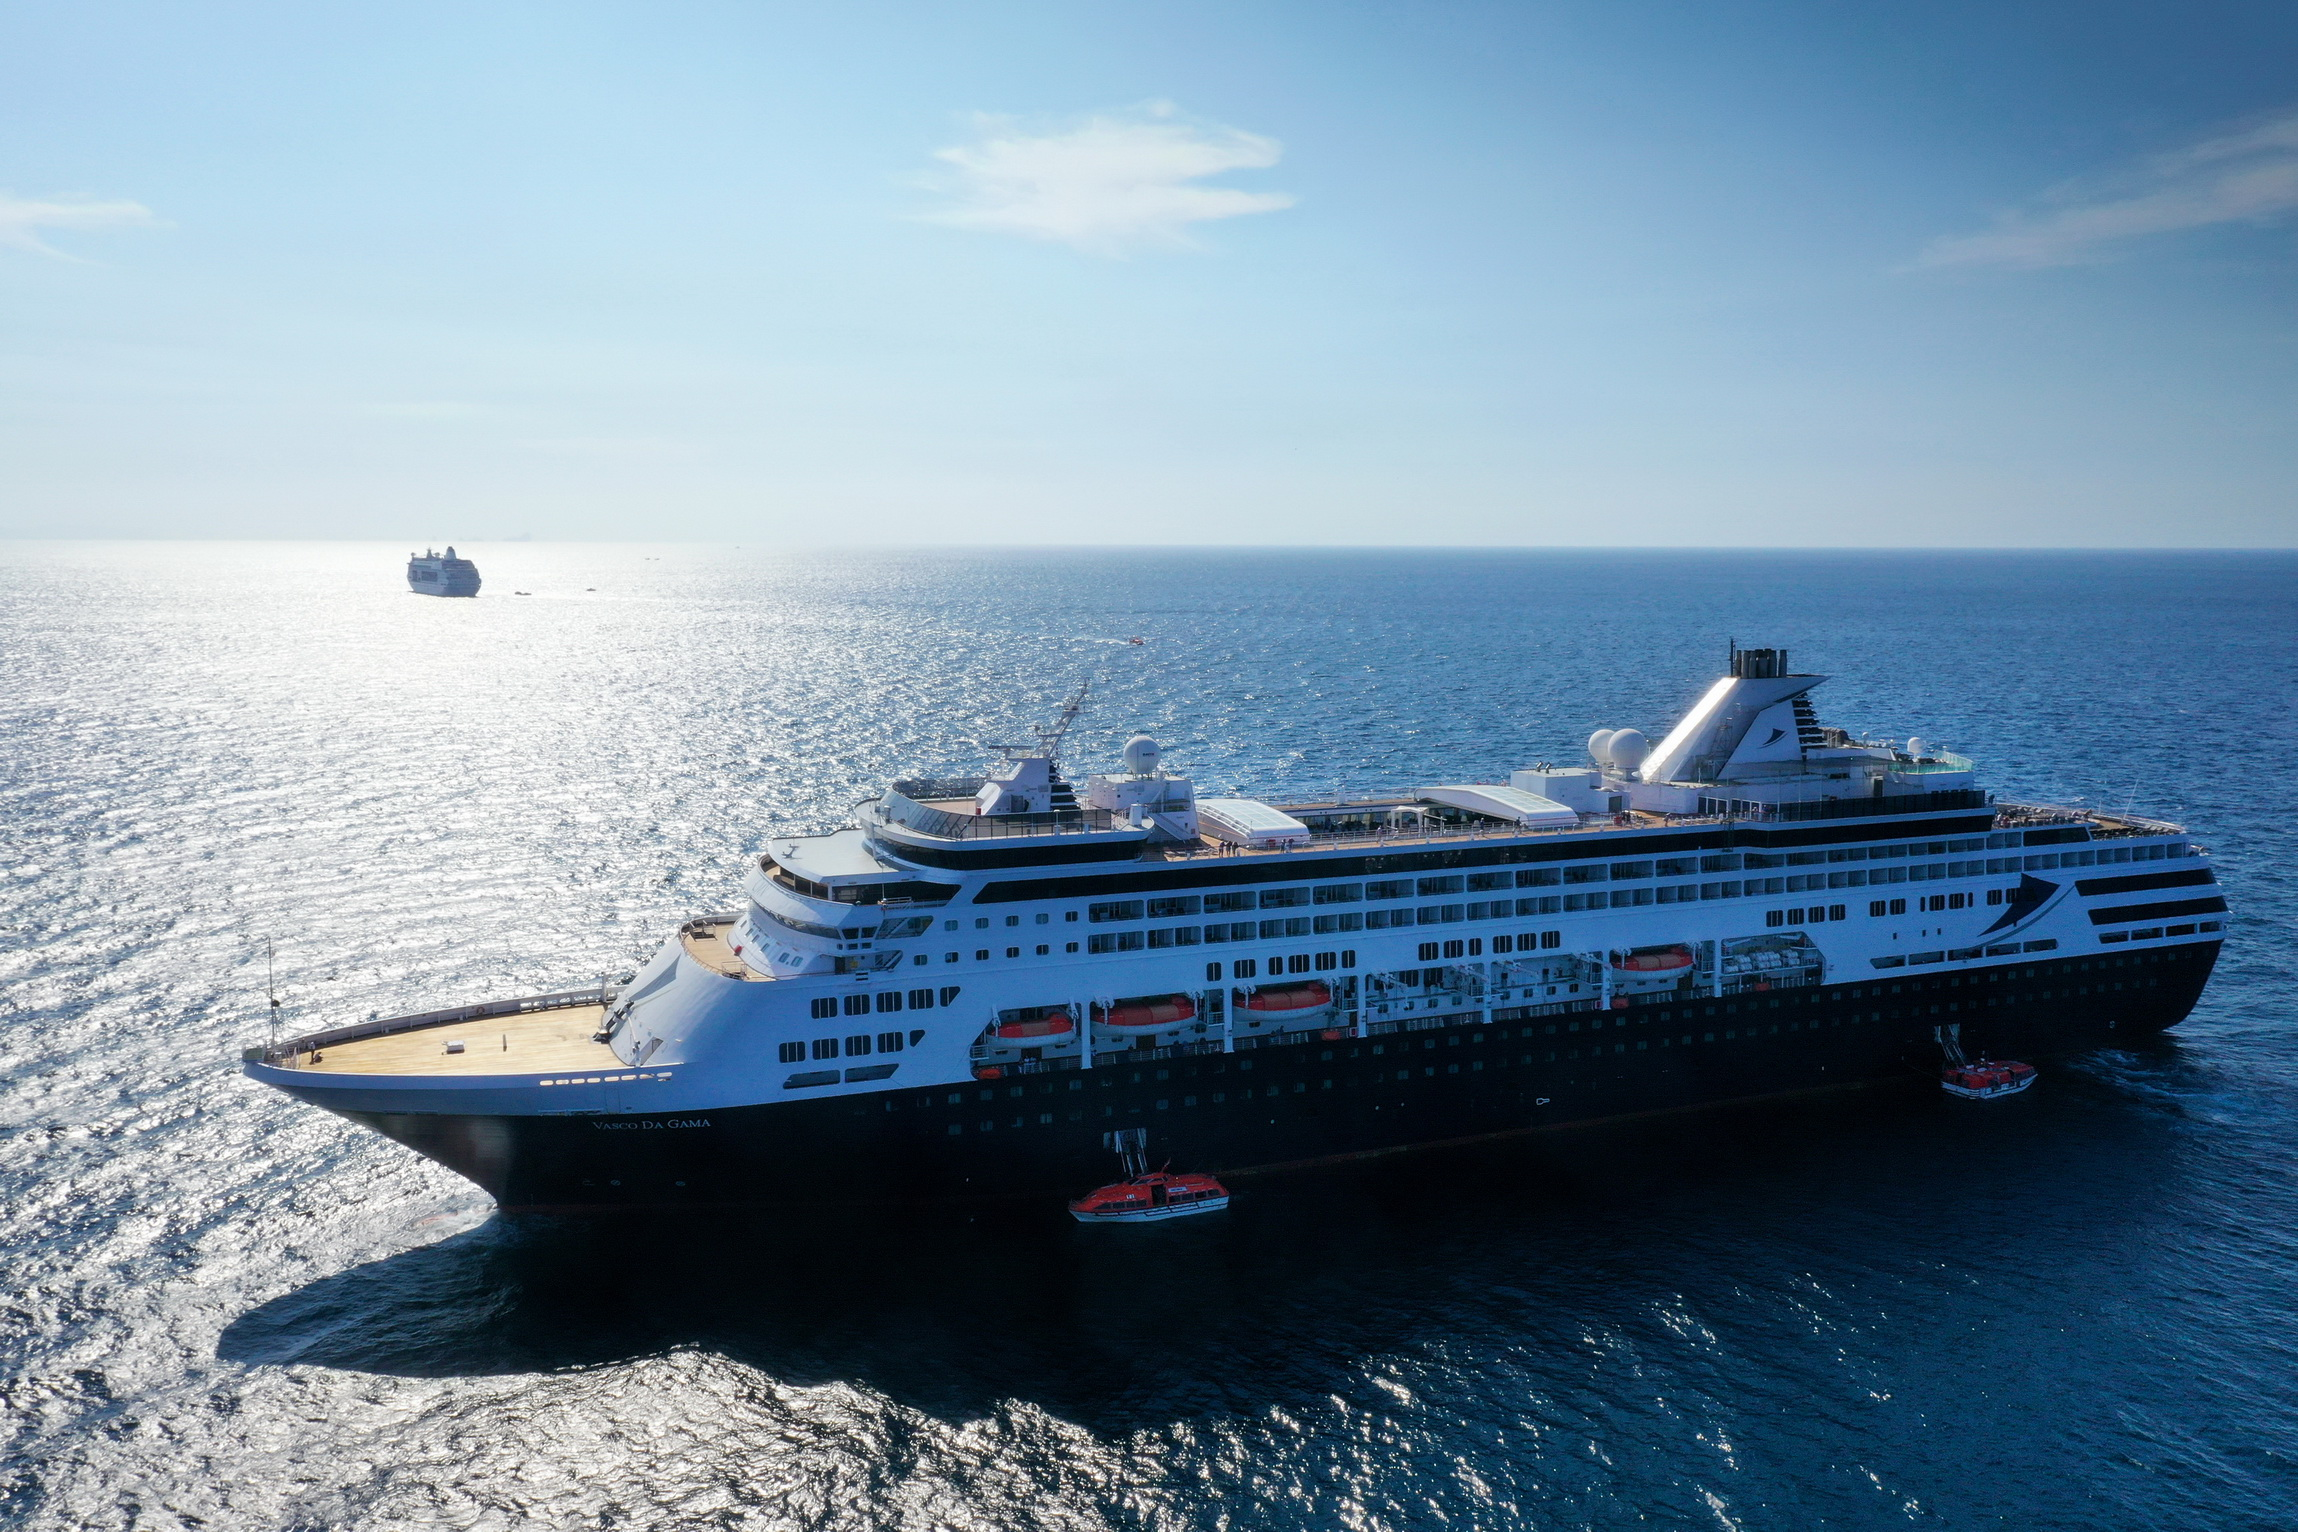 Passagierwechsel auf hoher See: MS VASCO DA GAMA (TransOcean) und MS COLUMBUS (CMV) haben einen Teil ihrer Passagiere auf hoher See ausgetauscht.